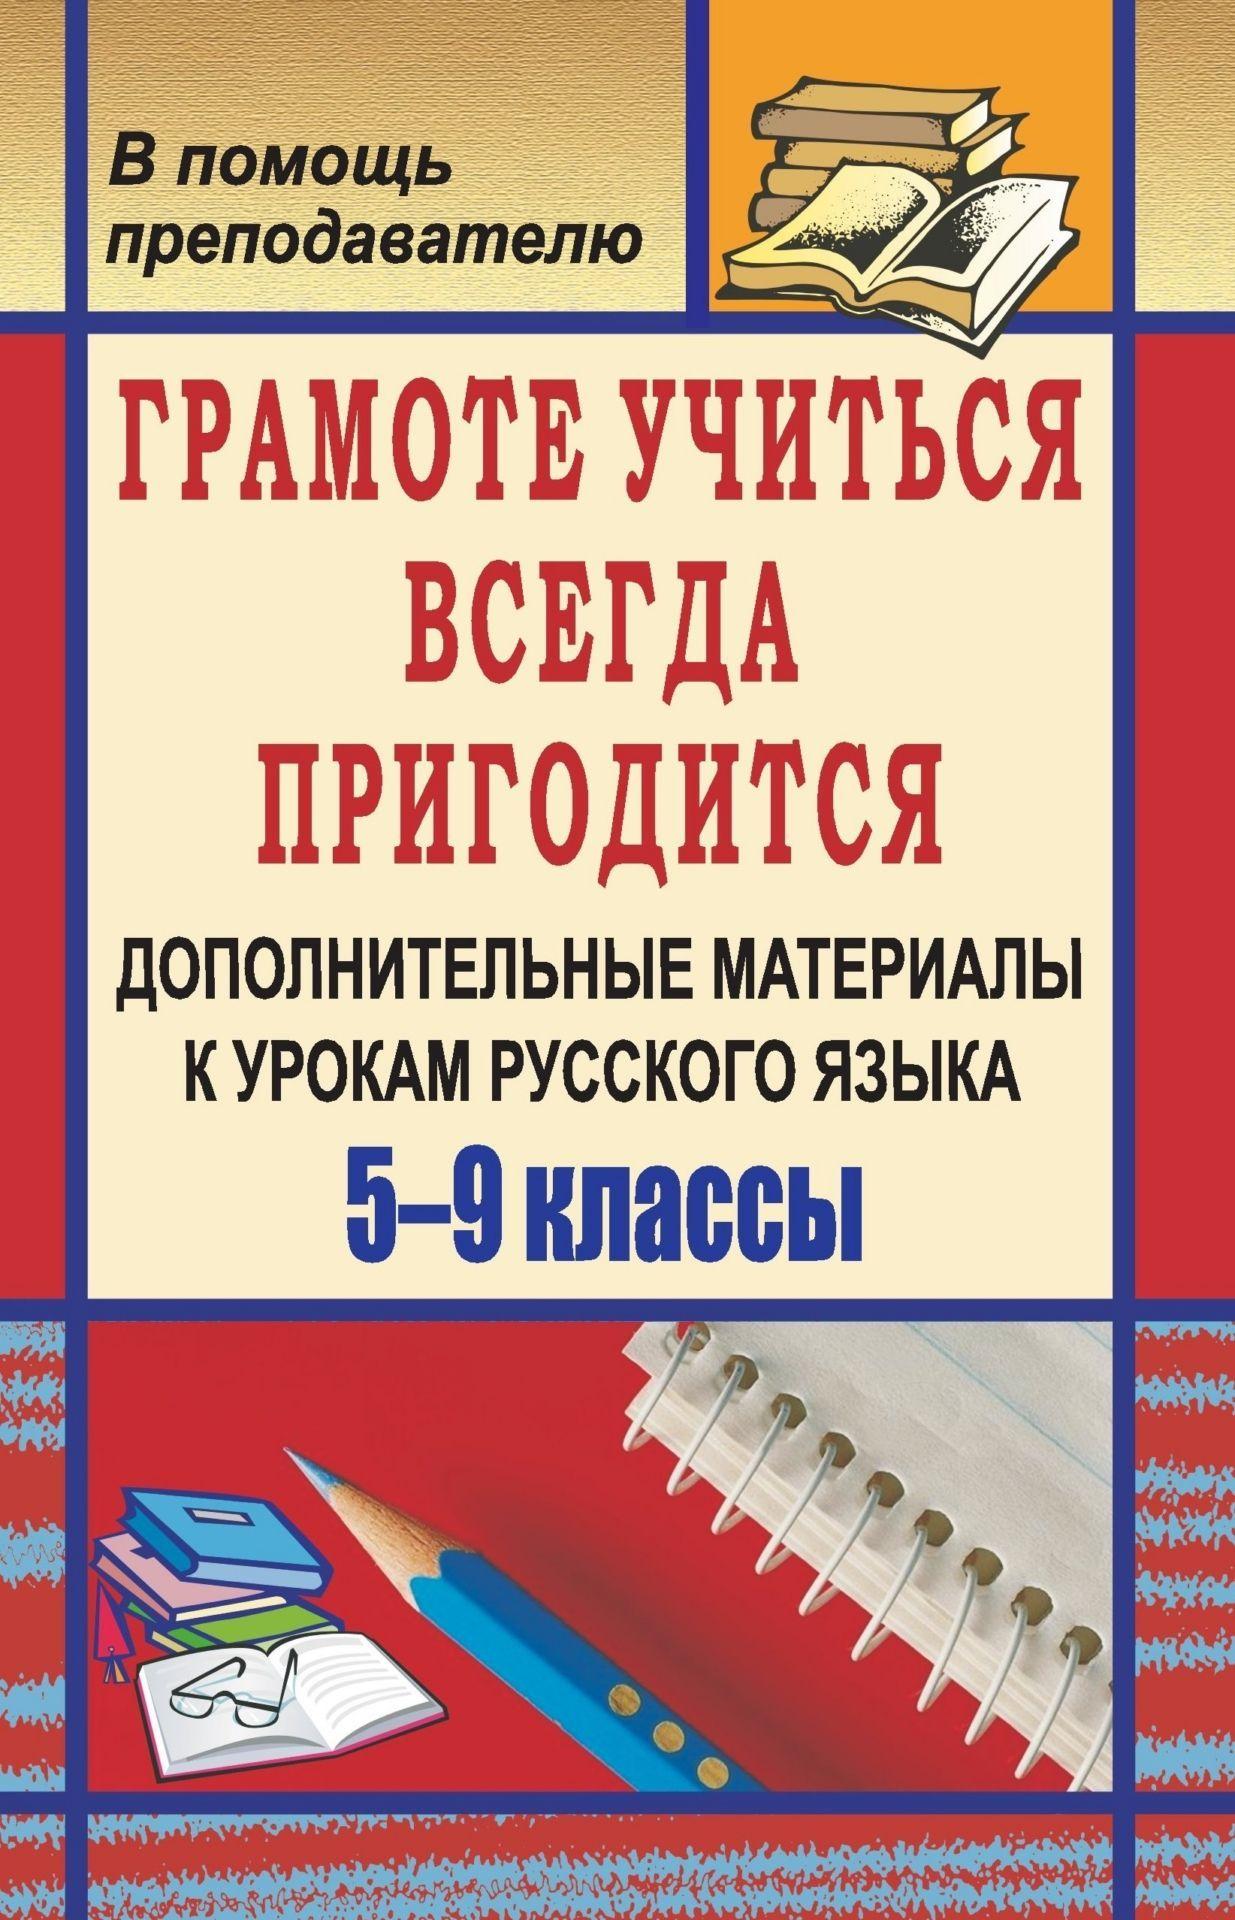 Купить со скидкой Грамоте учиться всегда пригодится: дополнительные материалы к урокам русского языка. 5-9 классы